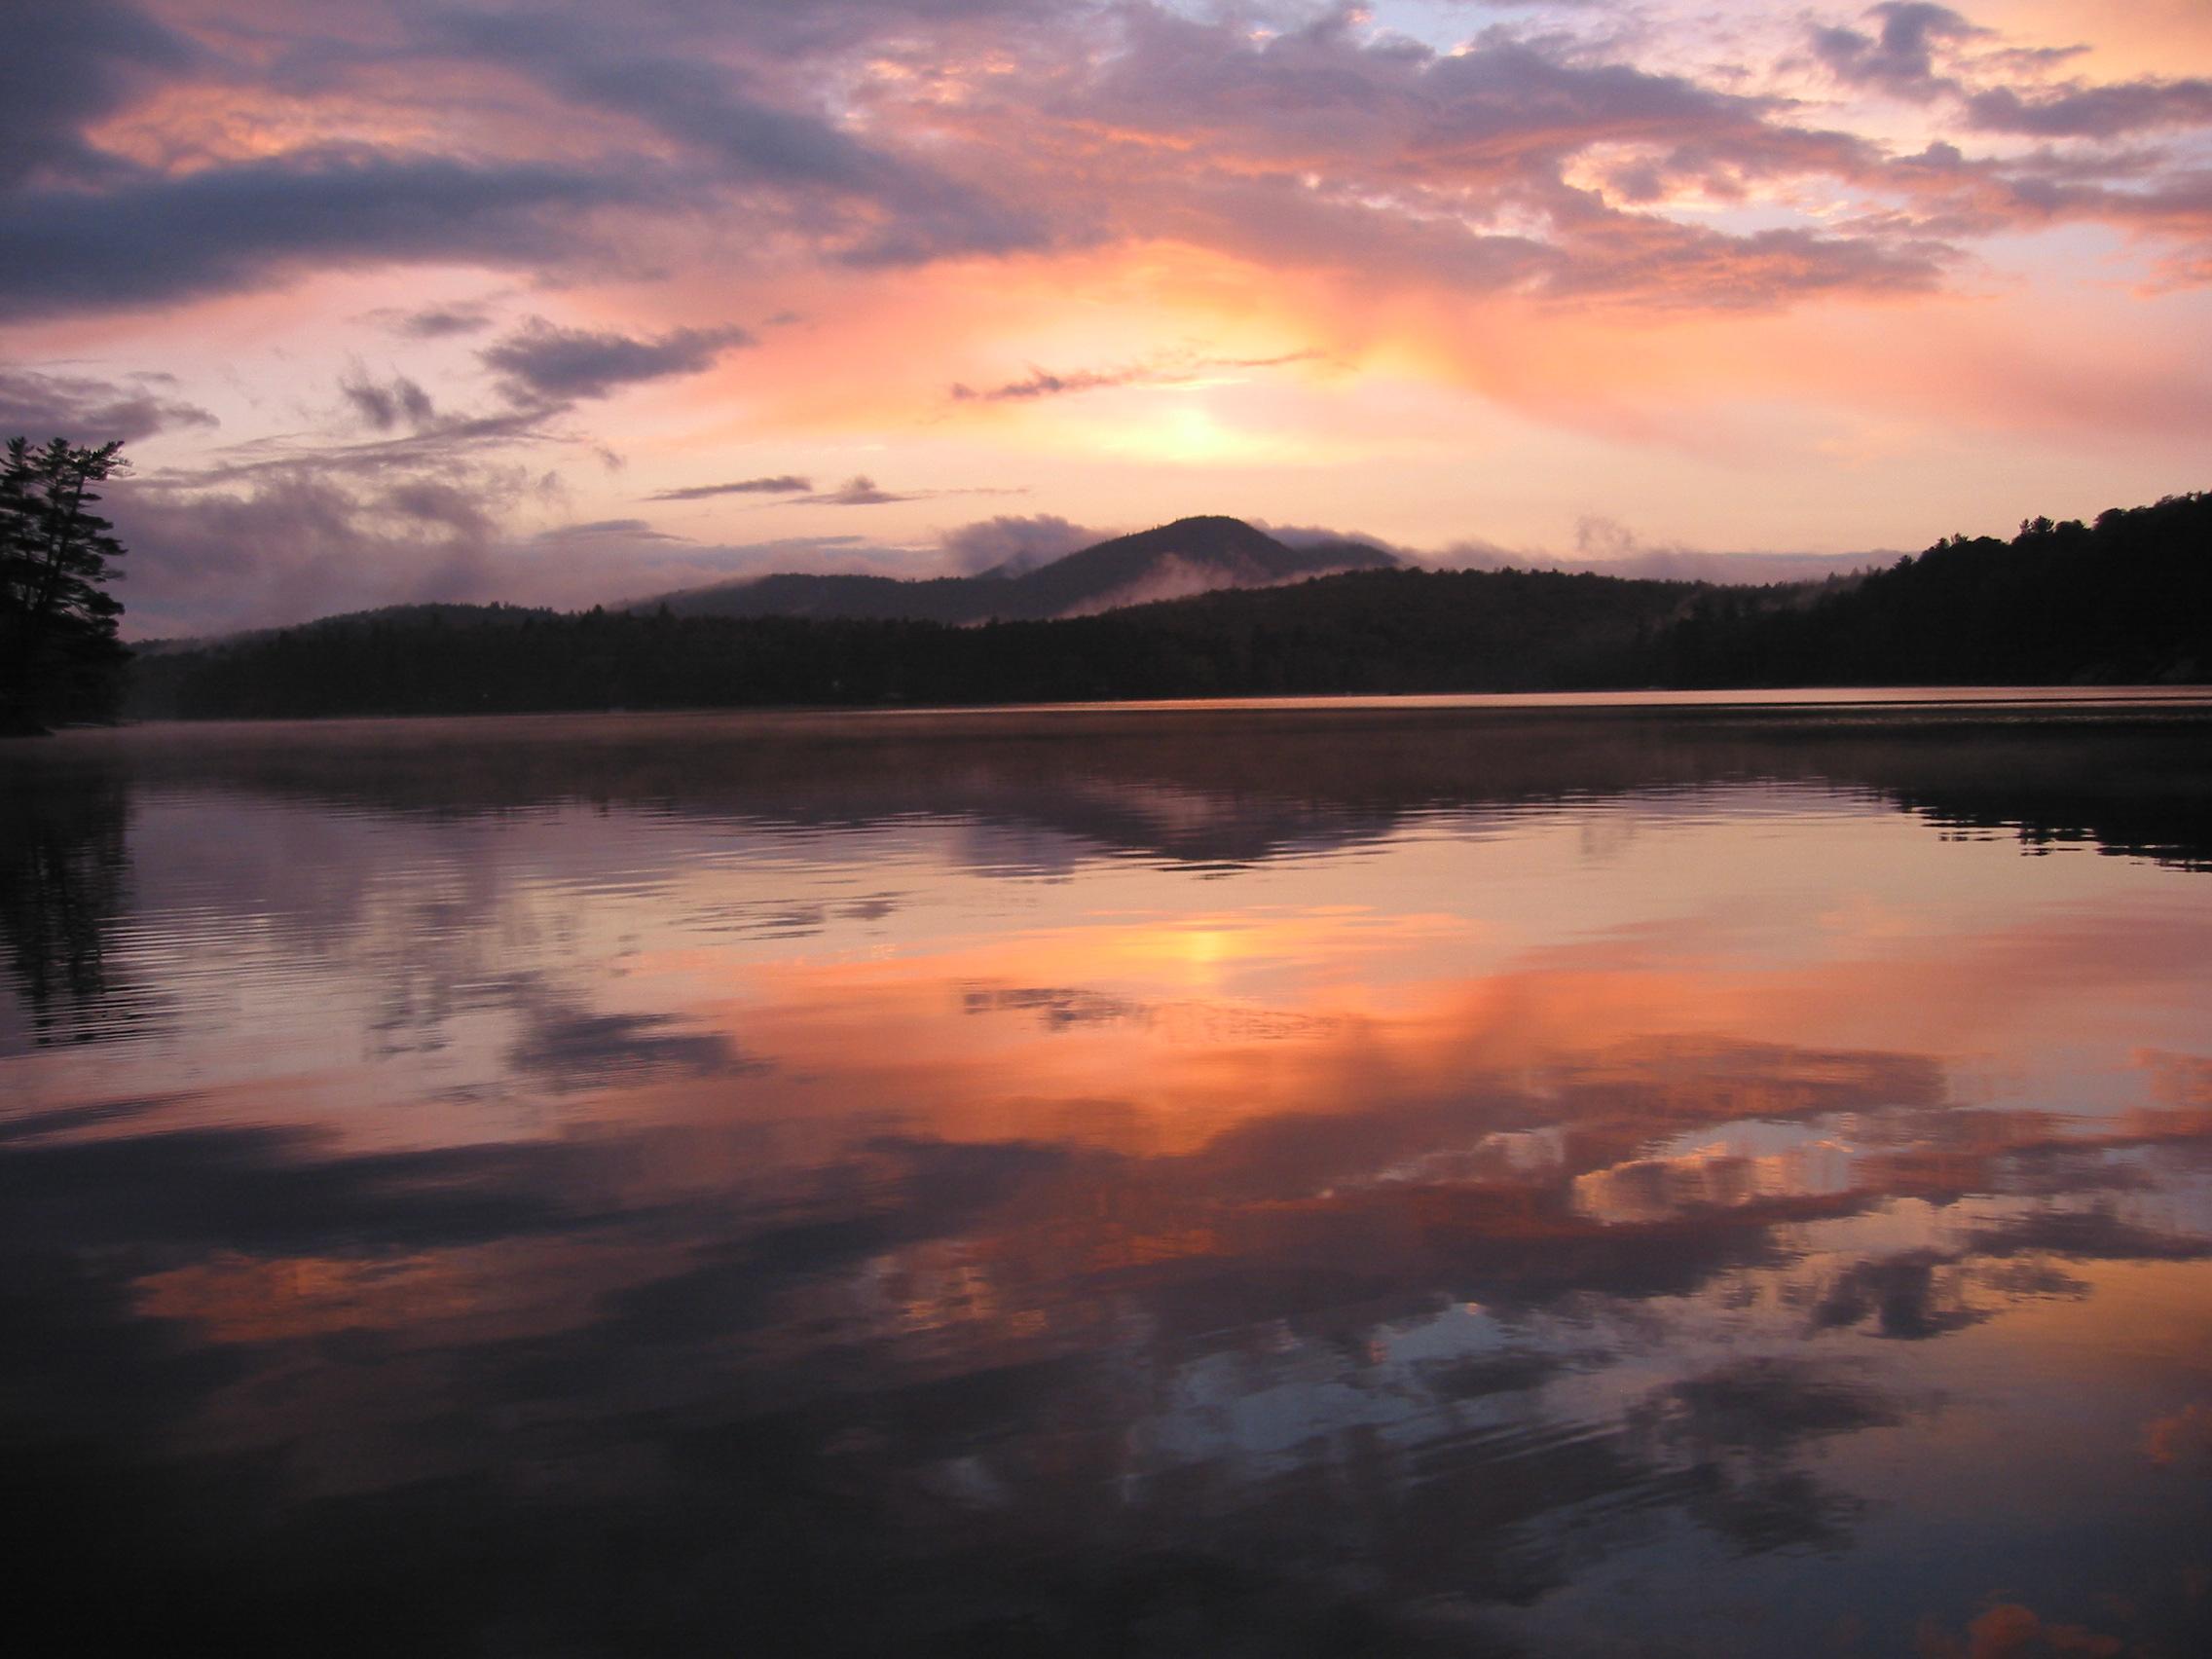 An Adirondack sunset